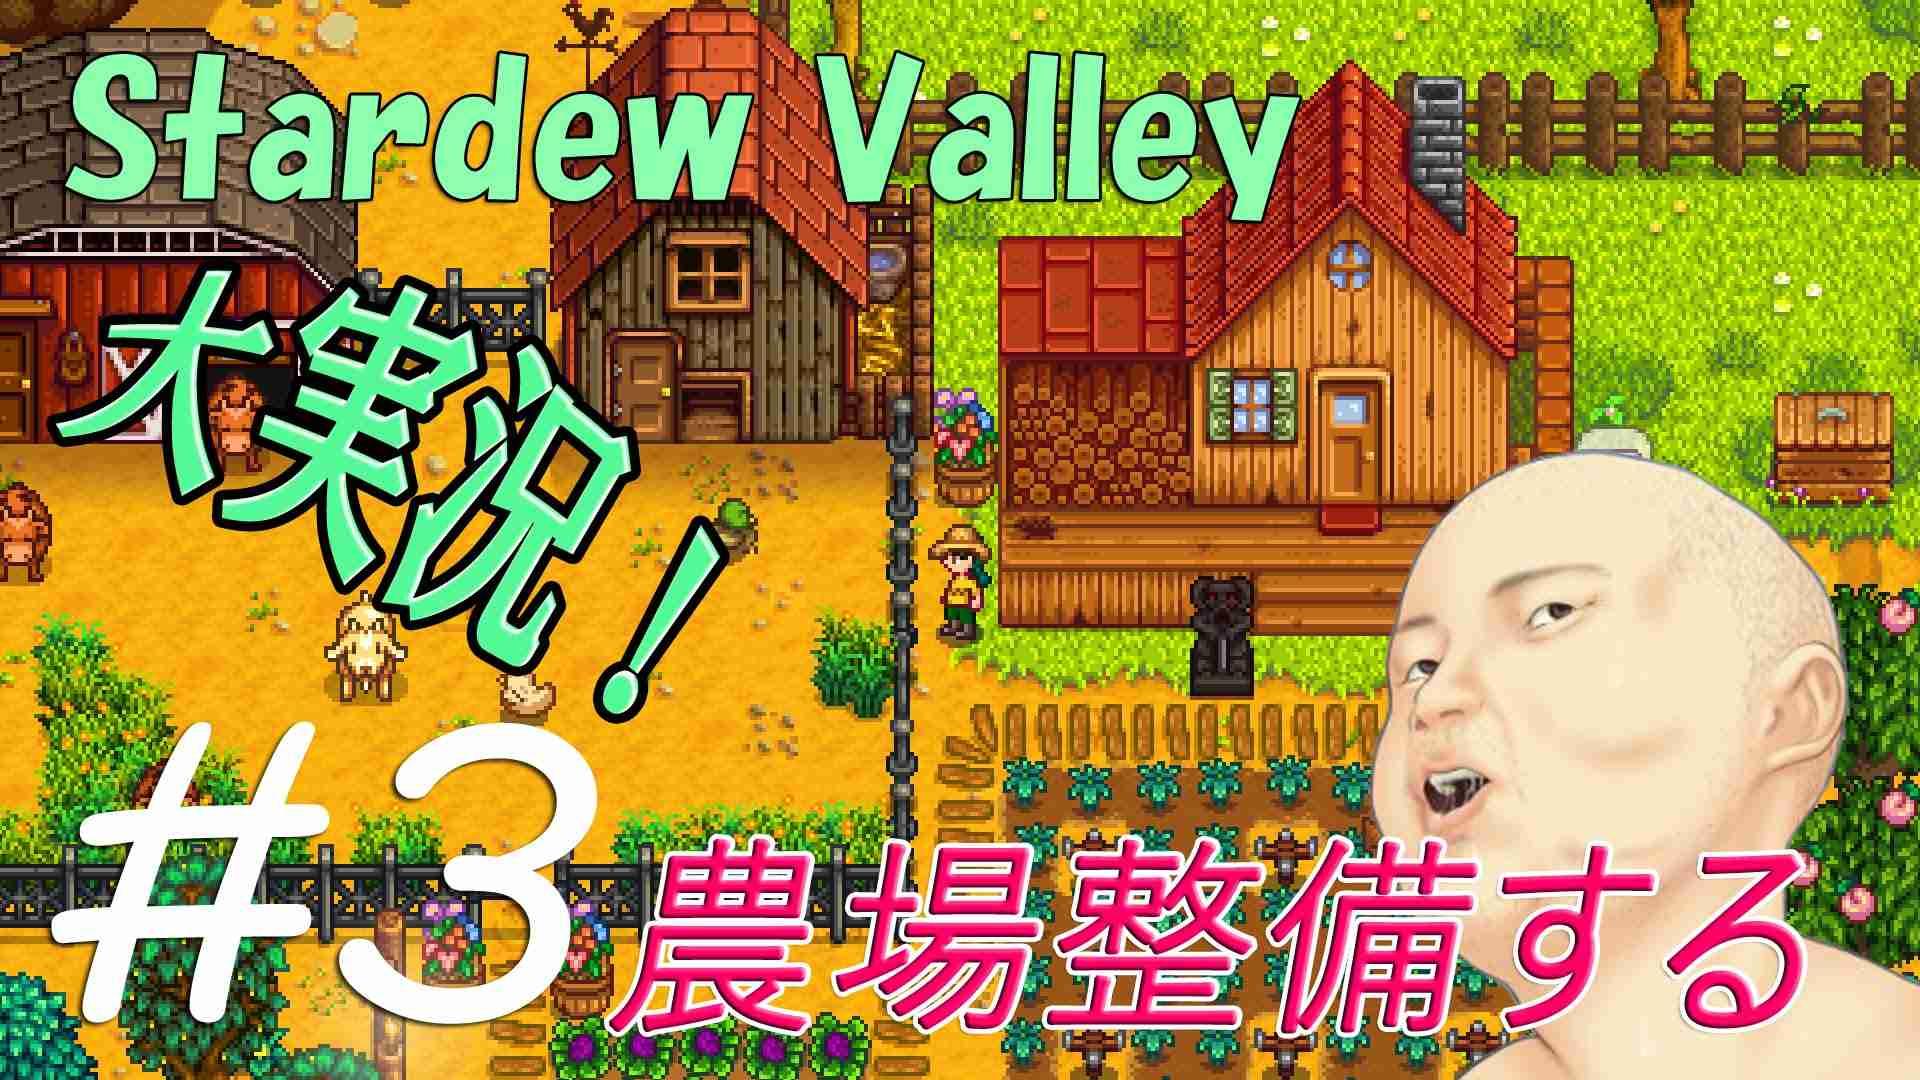 【大実況!】Stardew Valley◆綺麗な農場にする!#3 - YouTube